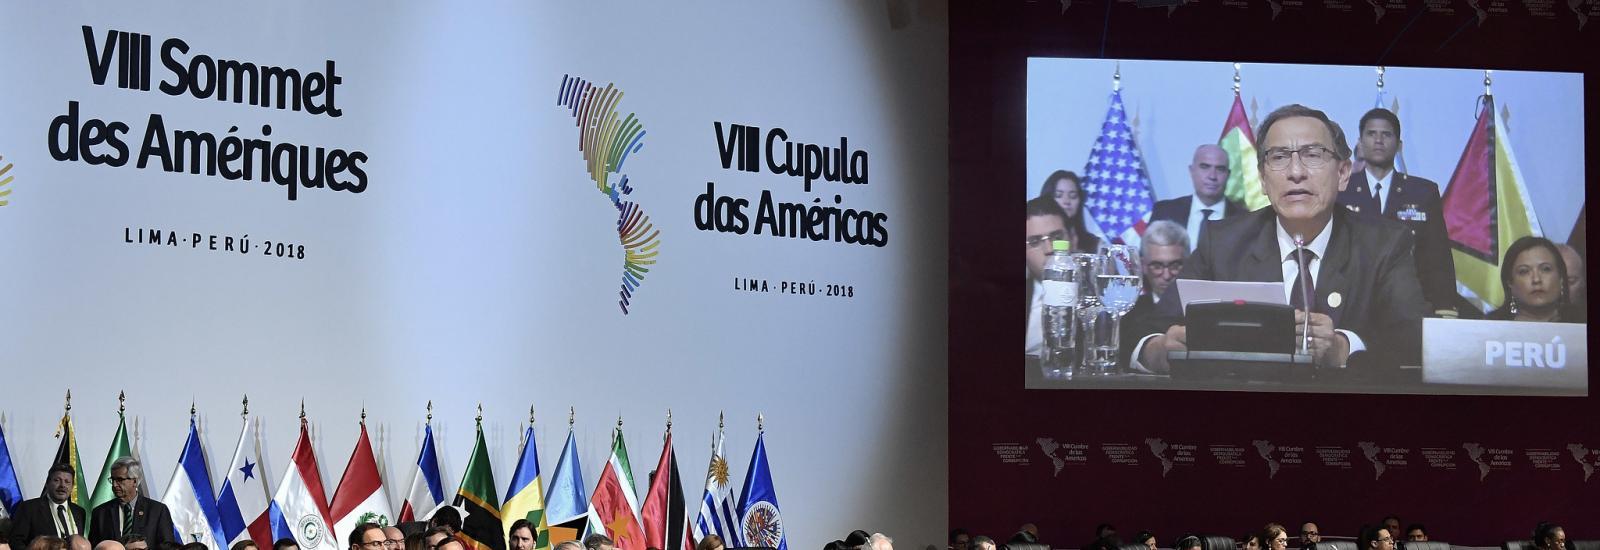 © Ministerio de Relaciones Exteriores del Perú